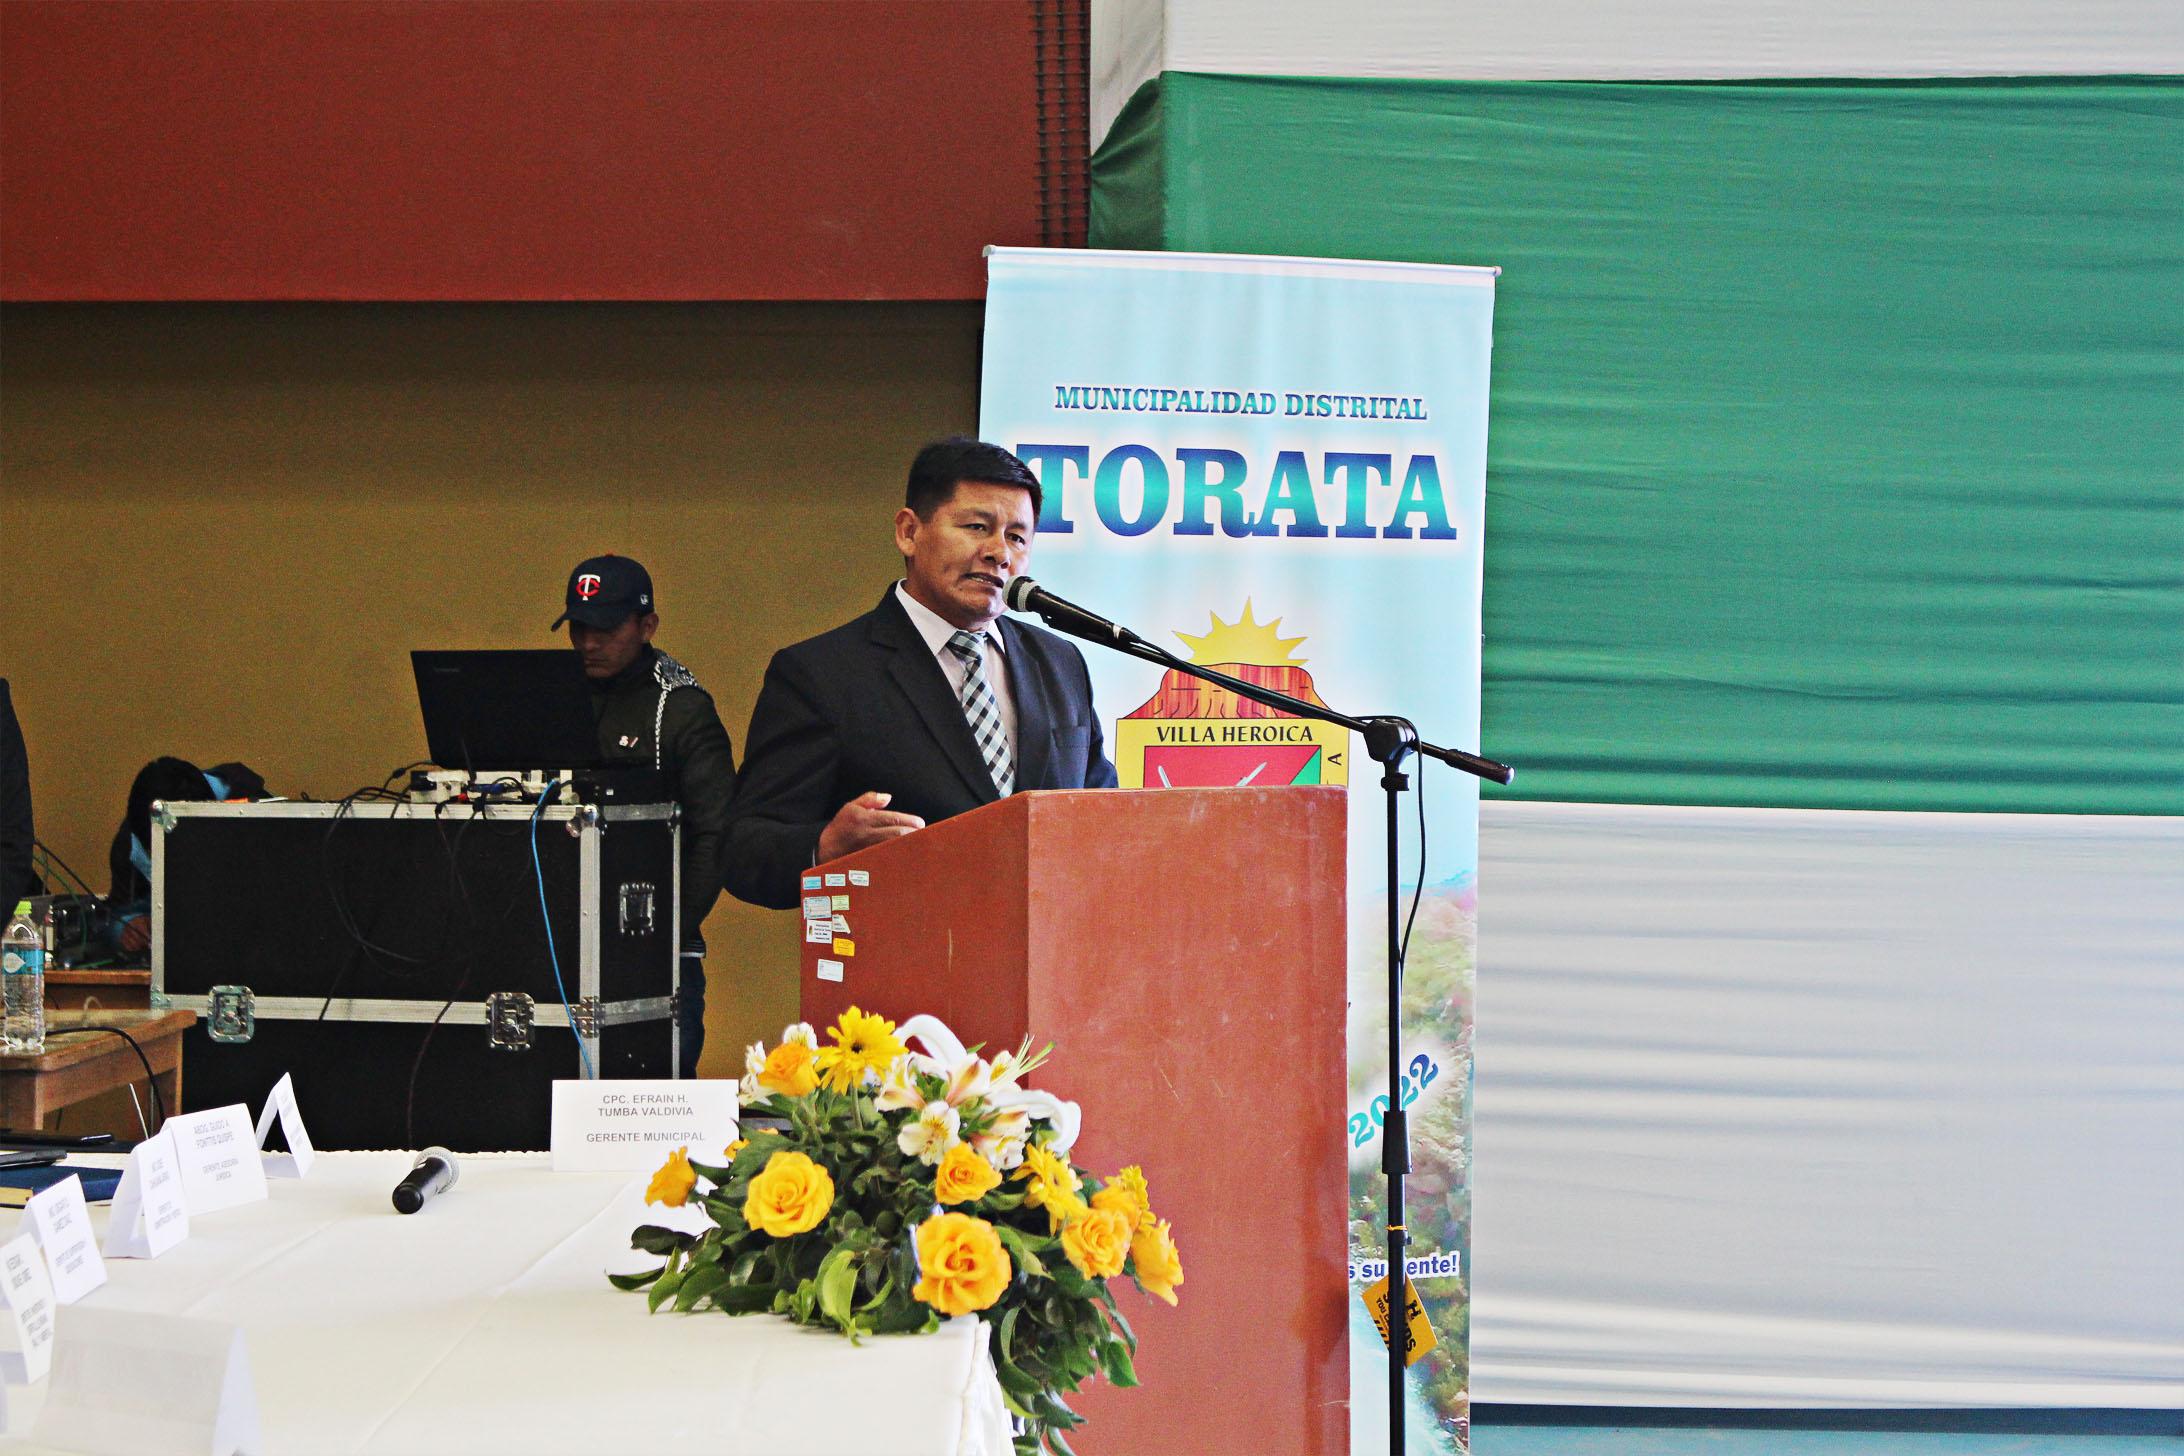 ALCALDE DE TORATA INFORMA A SU DISTRITO SOBRE ACCIONES EMPRENDIDAS AL LLEGAR A SUS 100 DÍAS DE GESTIÓN MUNICIPAL